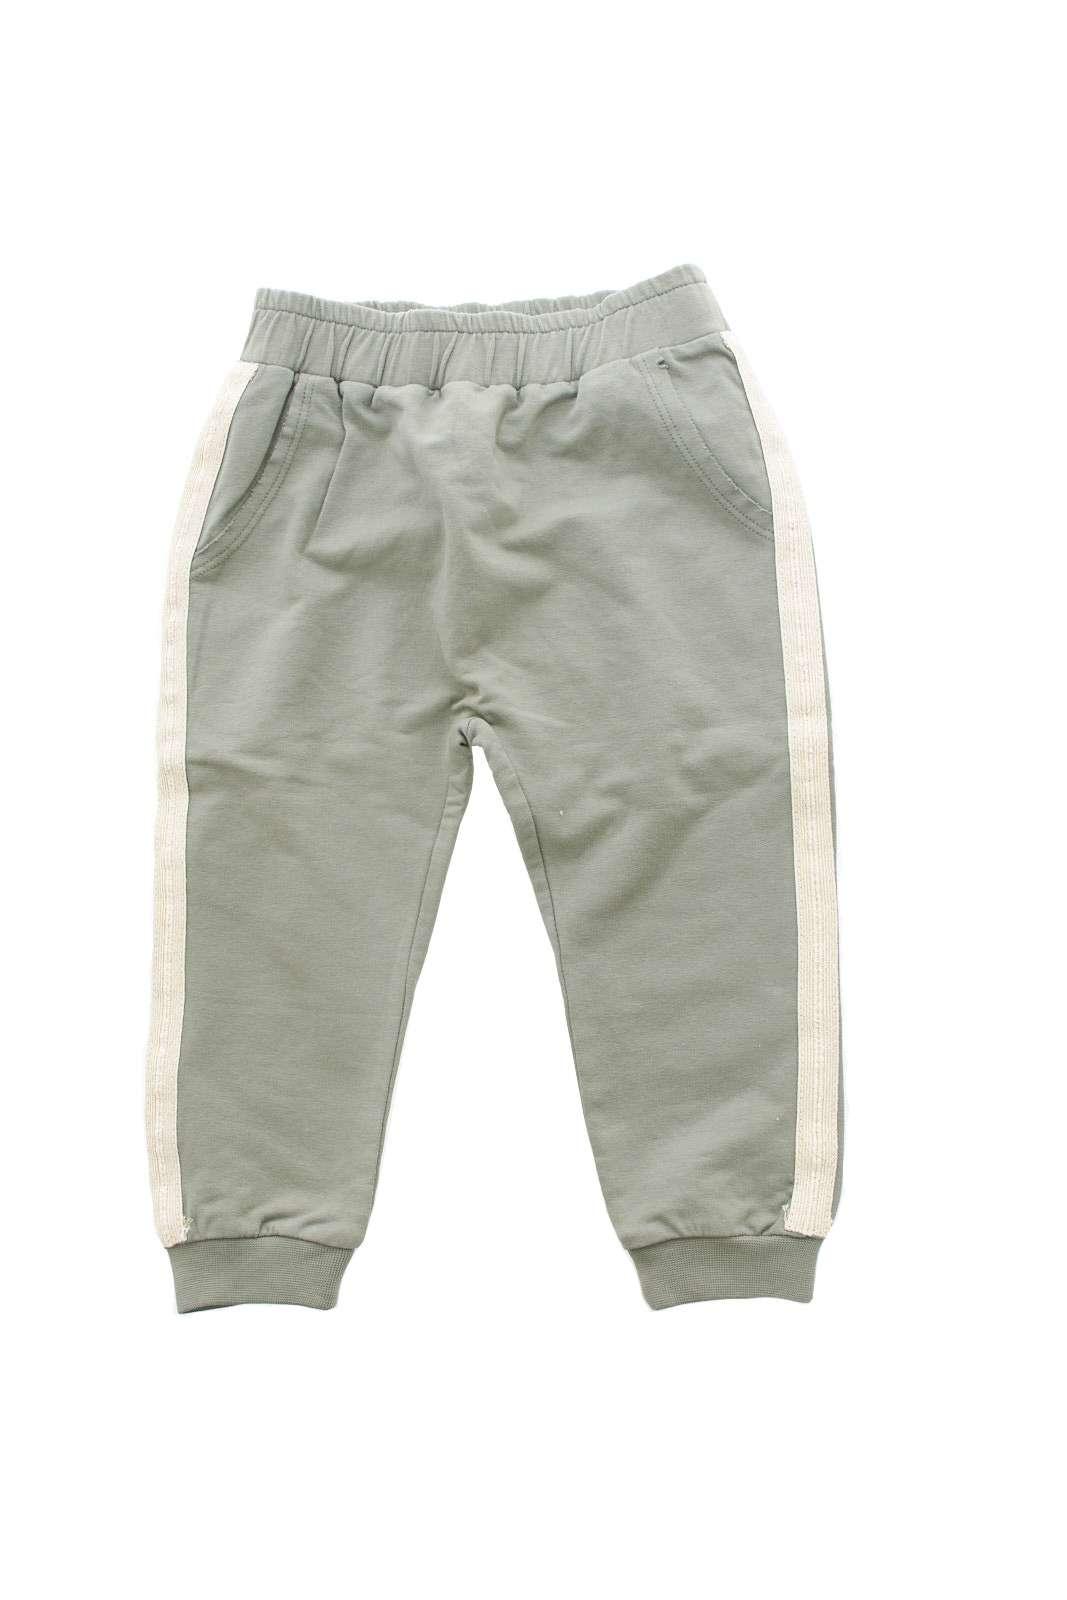 Un pantalone pensato per i più piccoli, quello proposto da Guess bambina.  Da indossare nella routine quotidiane o per uscire con la propria bambina.  Da abbinare con una felpa e una t shirt è un must have.